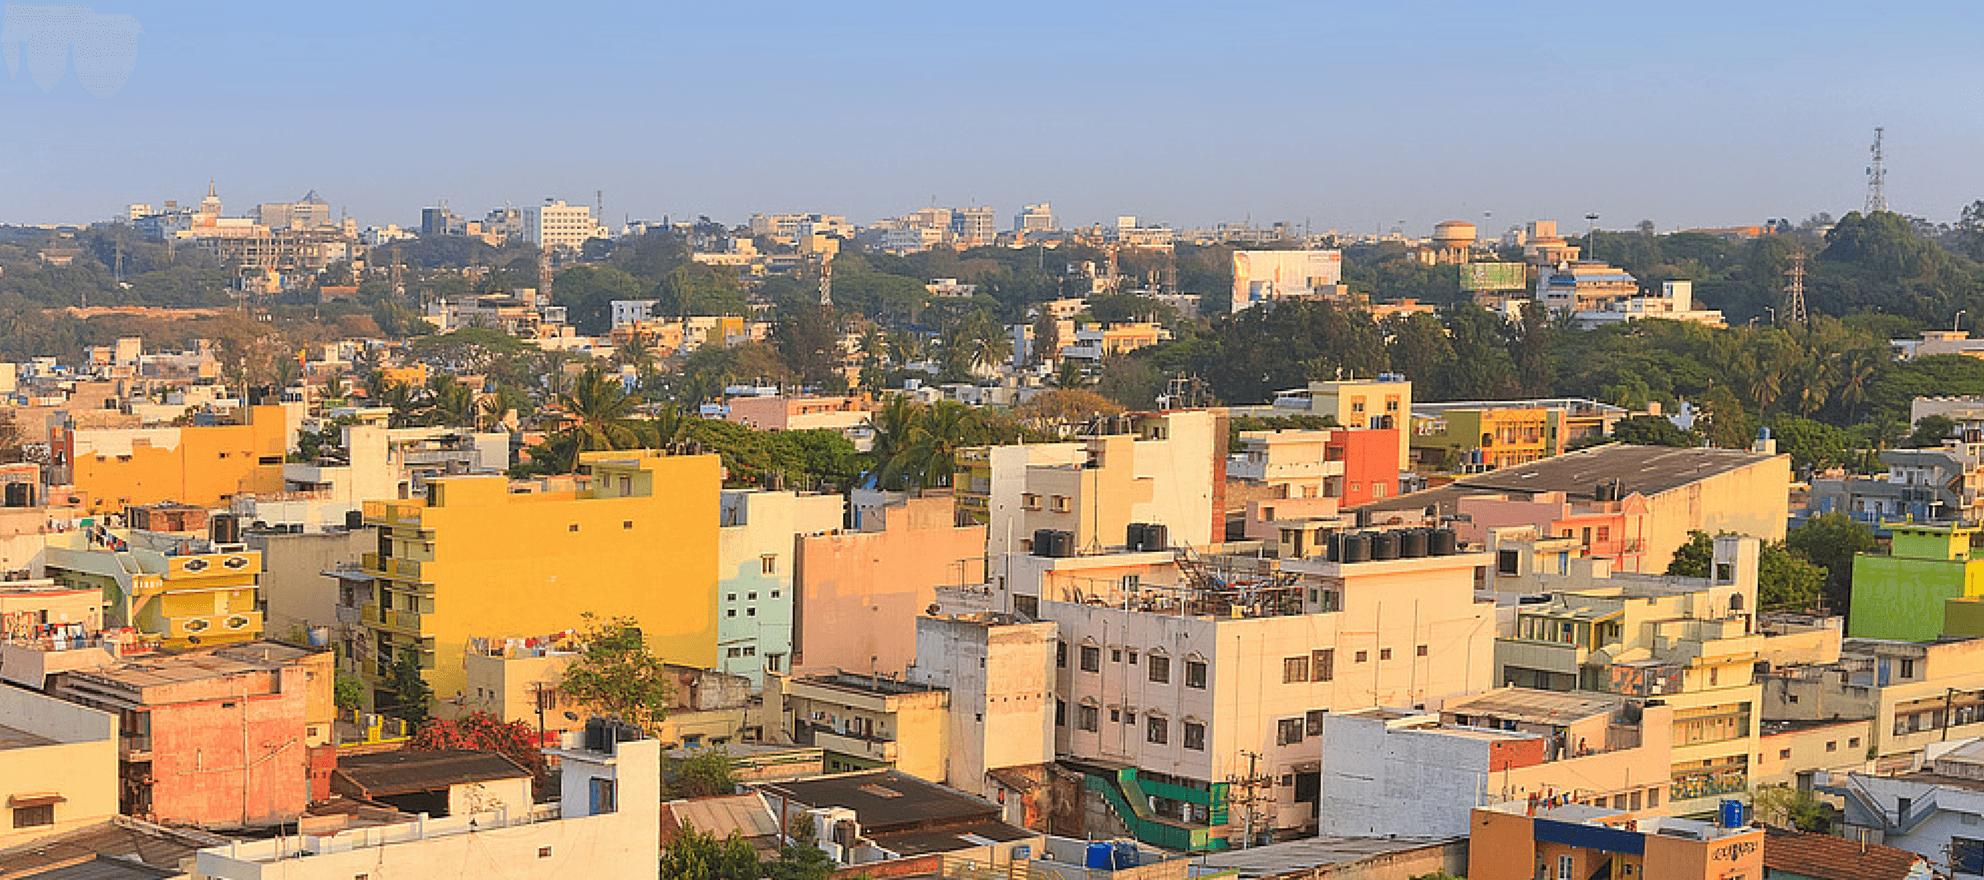 Indian listing portal lands $90M